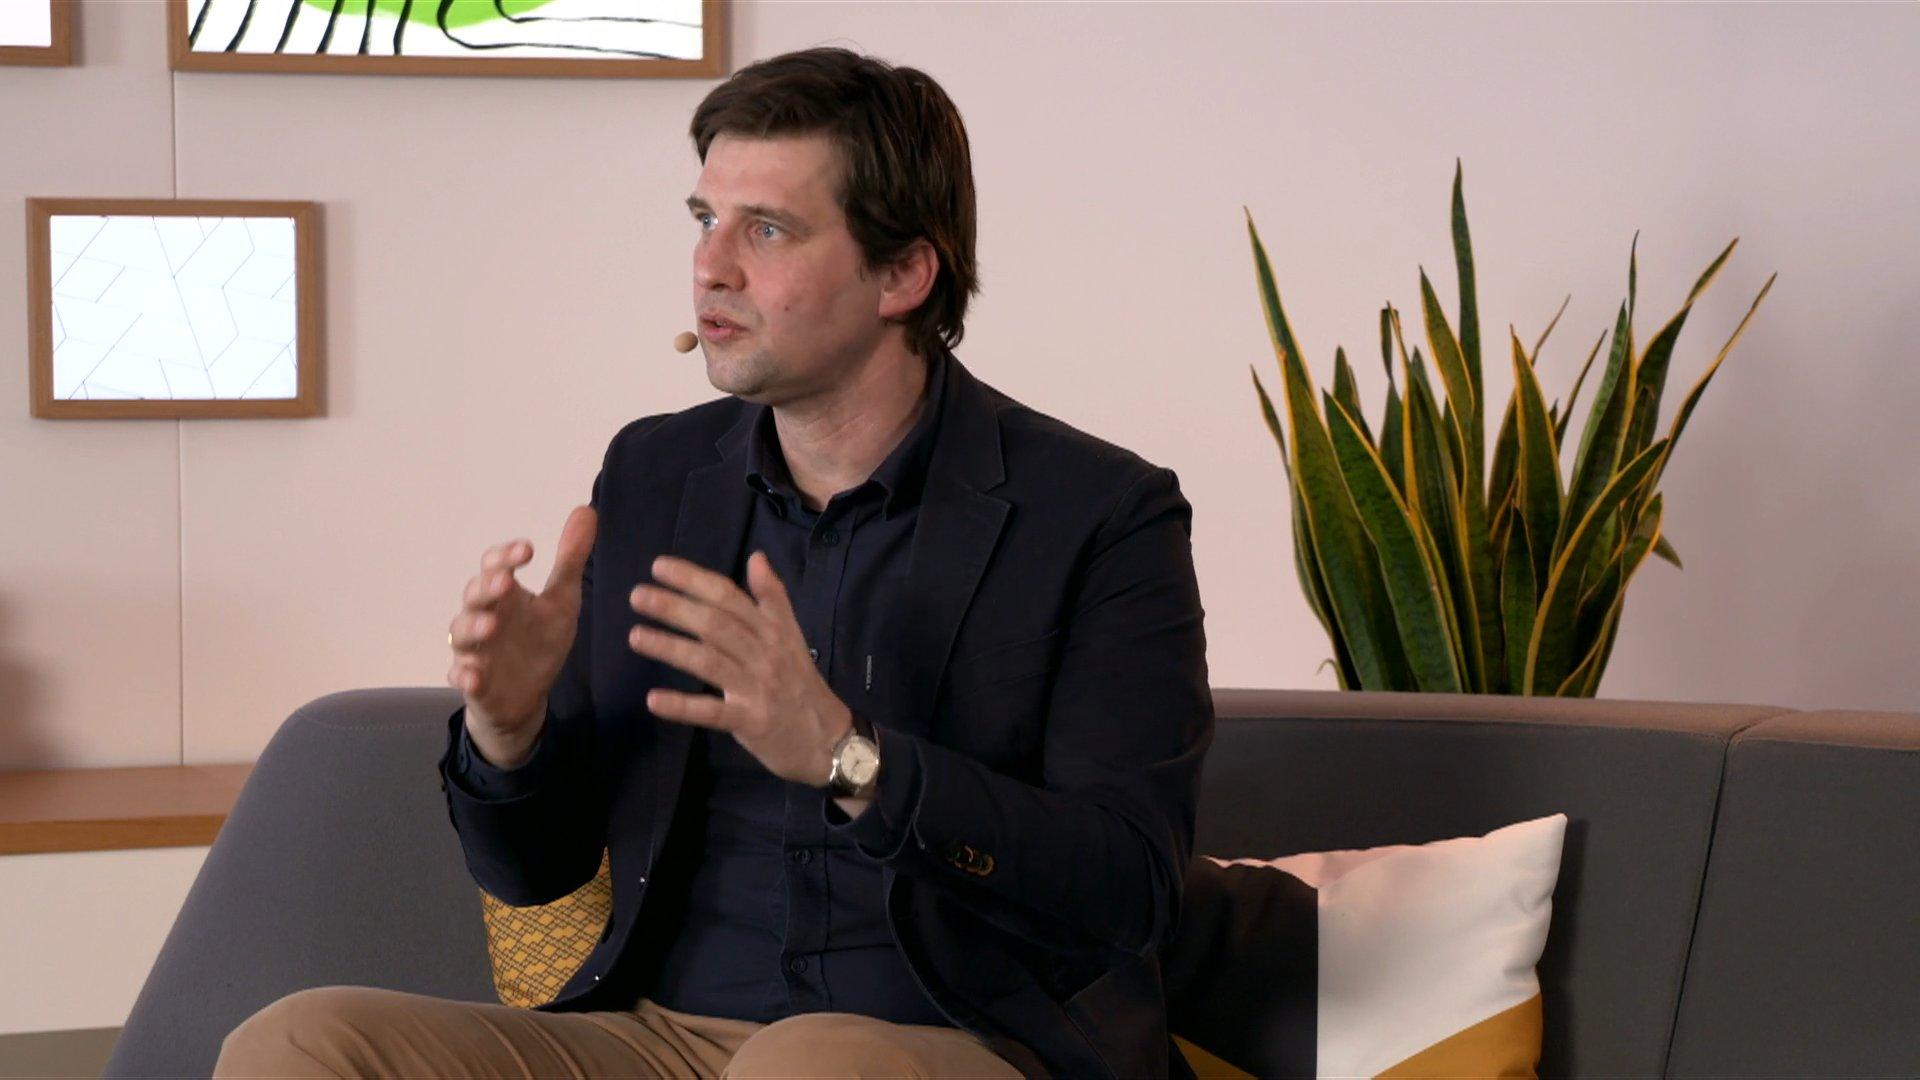 Dr. Maximilian Ahrens est CTO de T-Systems International GmbH. Il parle de souveraineté des données et GAIA-X lors d'ADN21